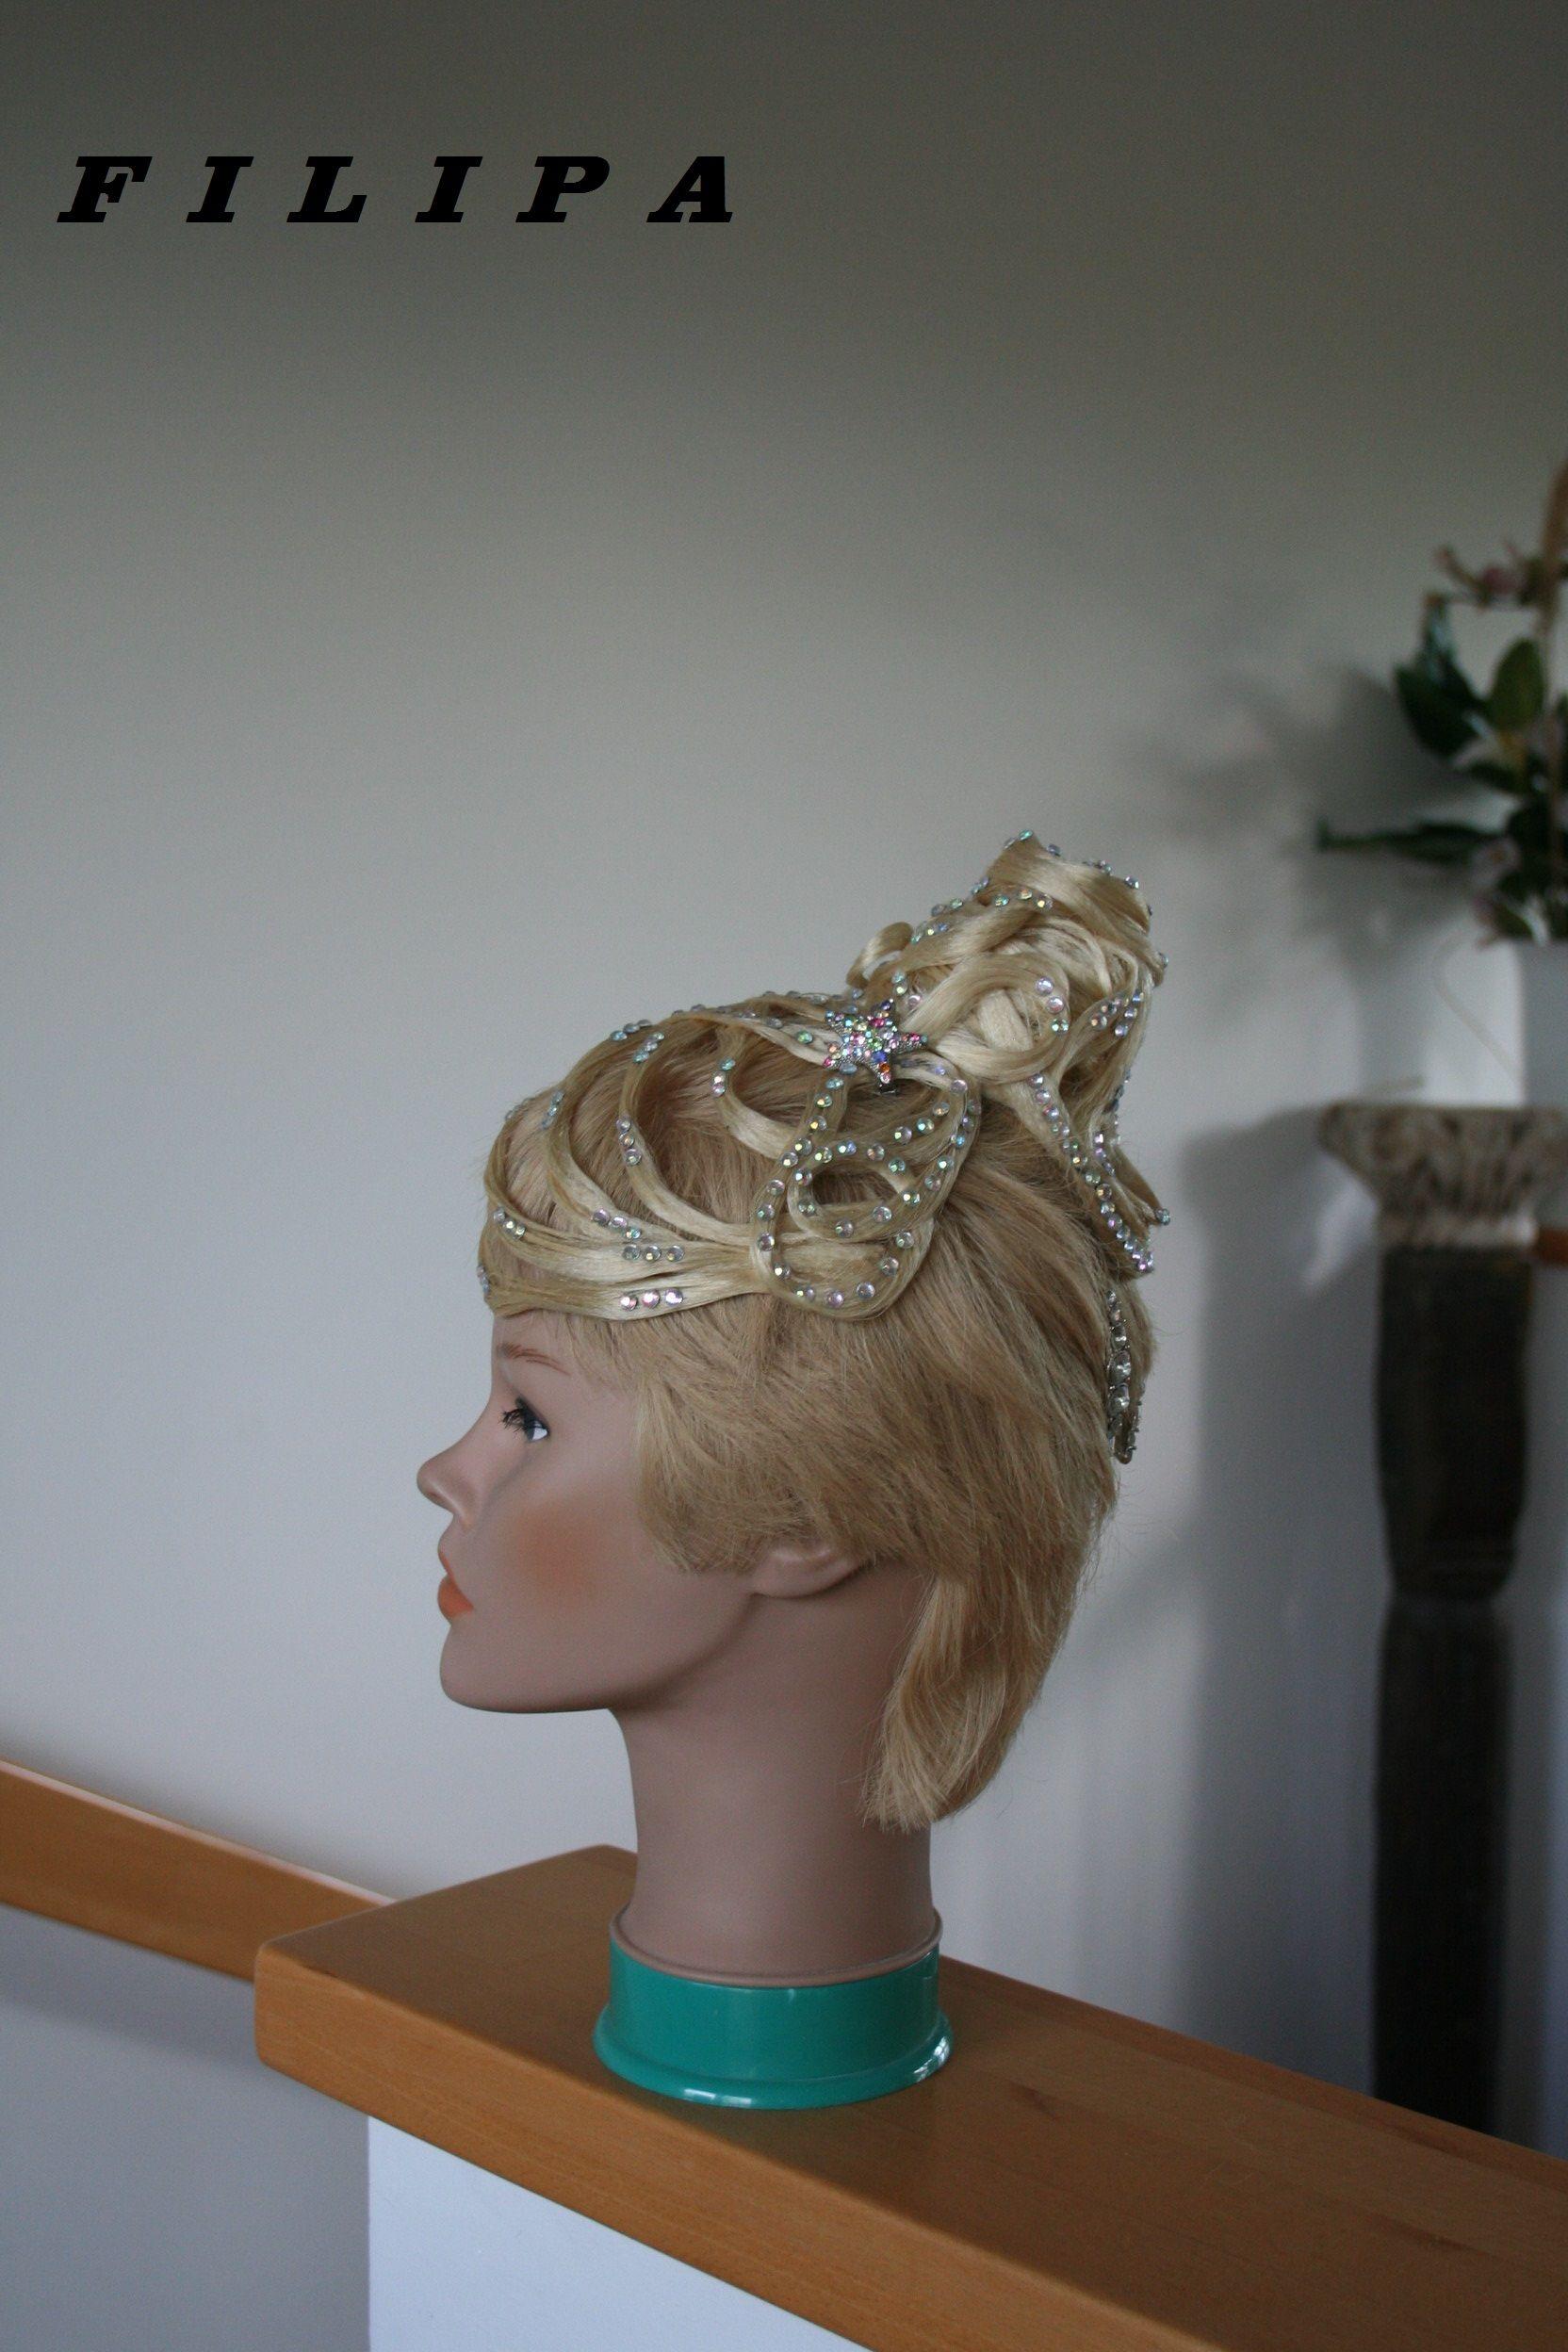 Ein Haarteil Für Ganz Kurze Haare Haarteil Für Ballroom Dance